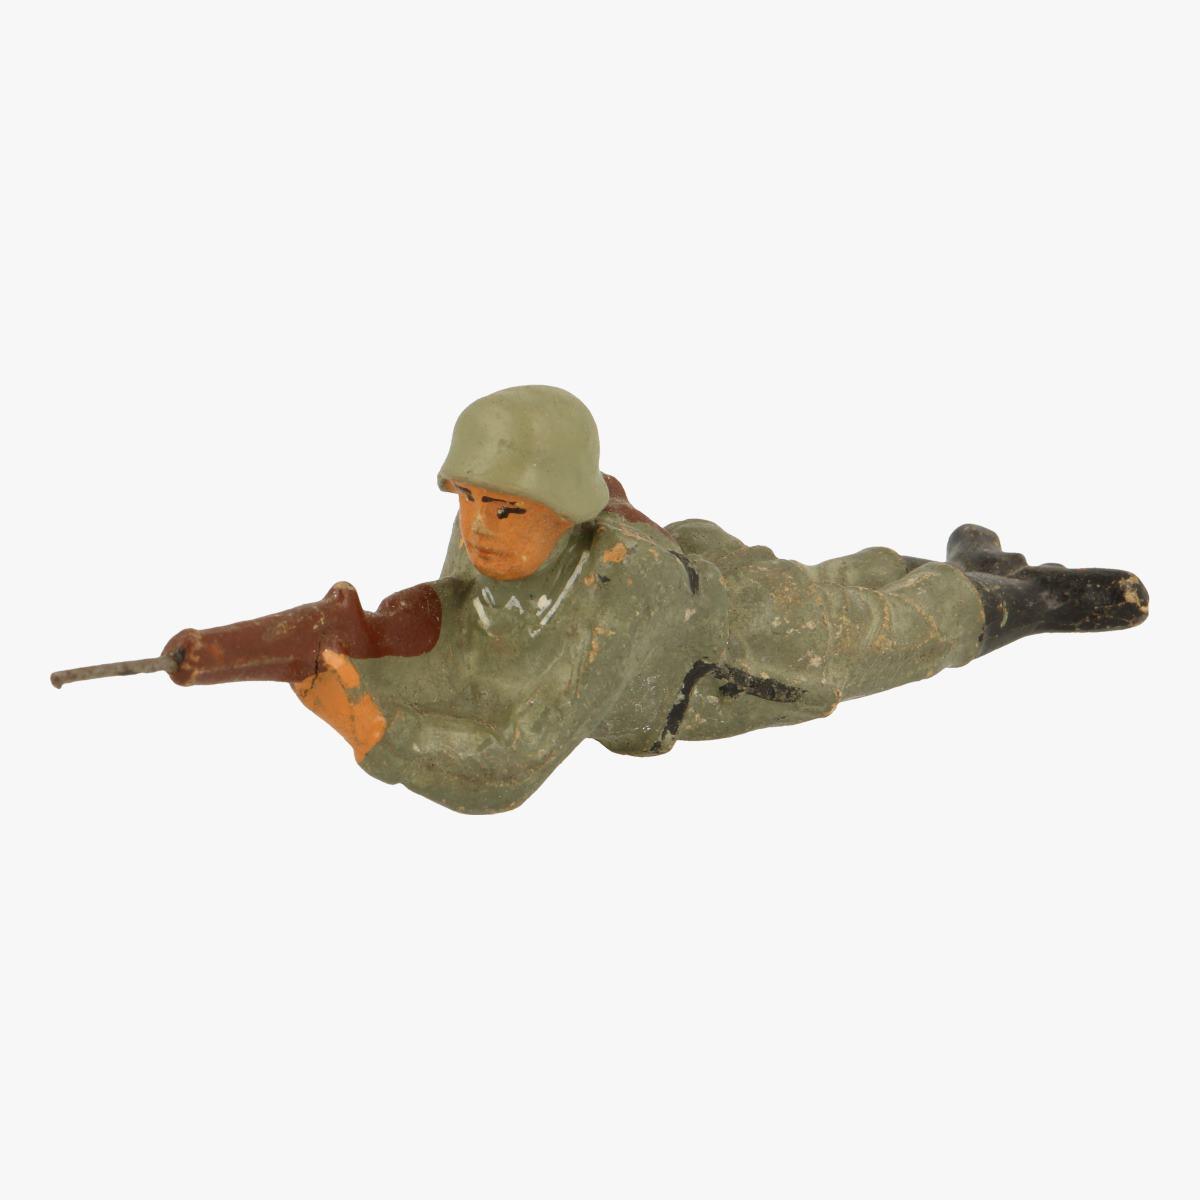 Afbeeldingen van elastolin soldaatjes